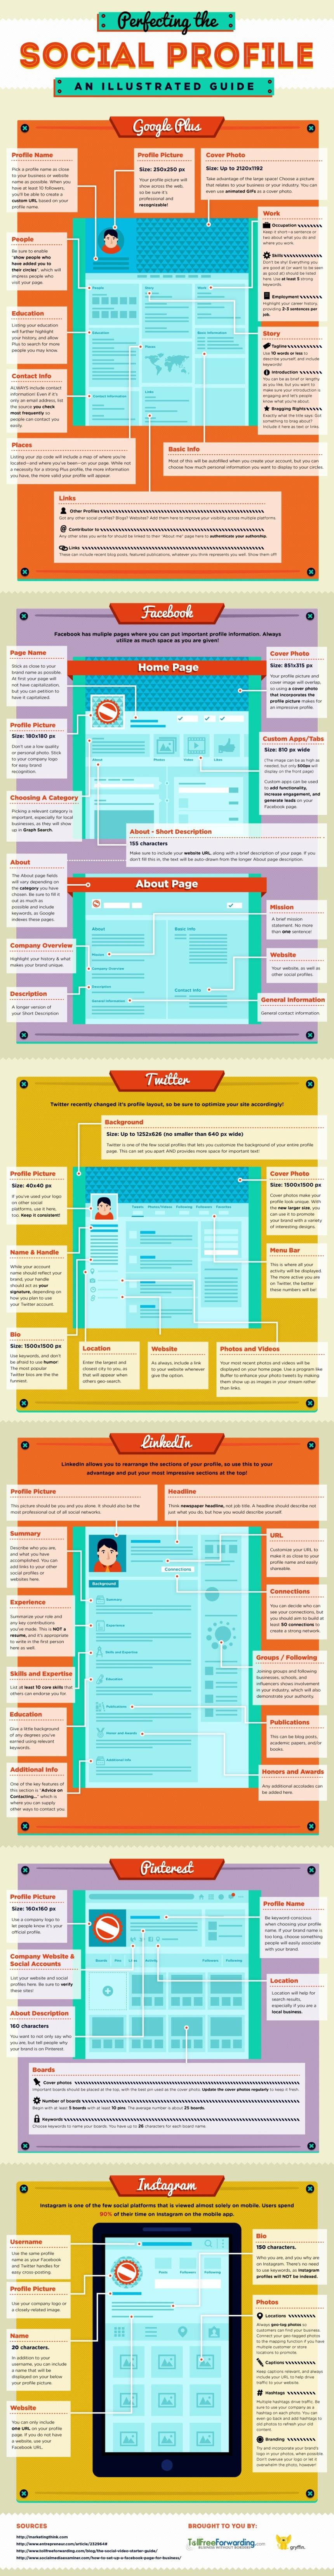 Perfecciona tus perfiles en Redes Sociales